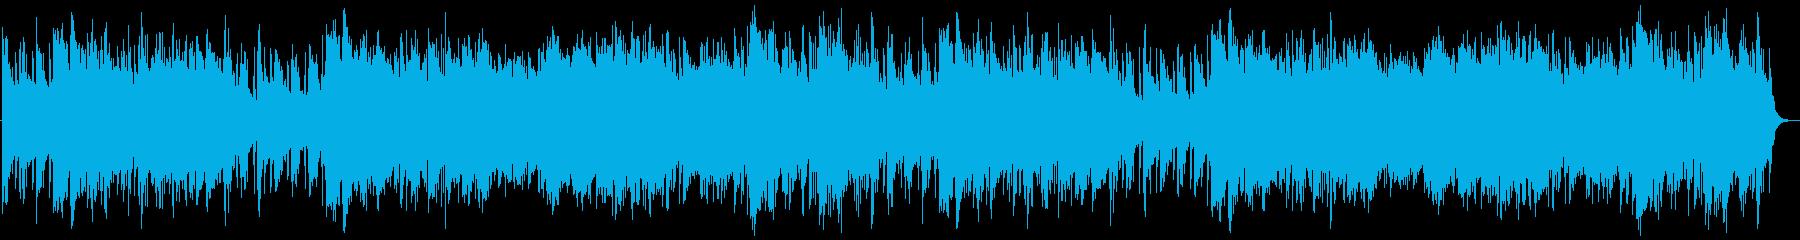 中華風のヒーリングの再生済みの波形